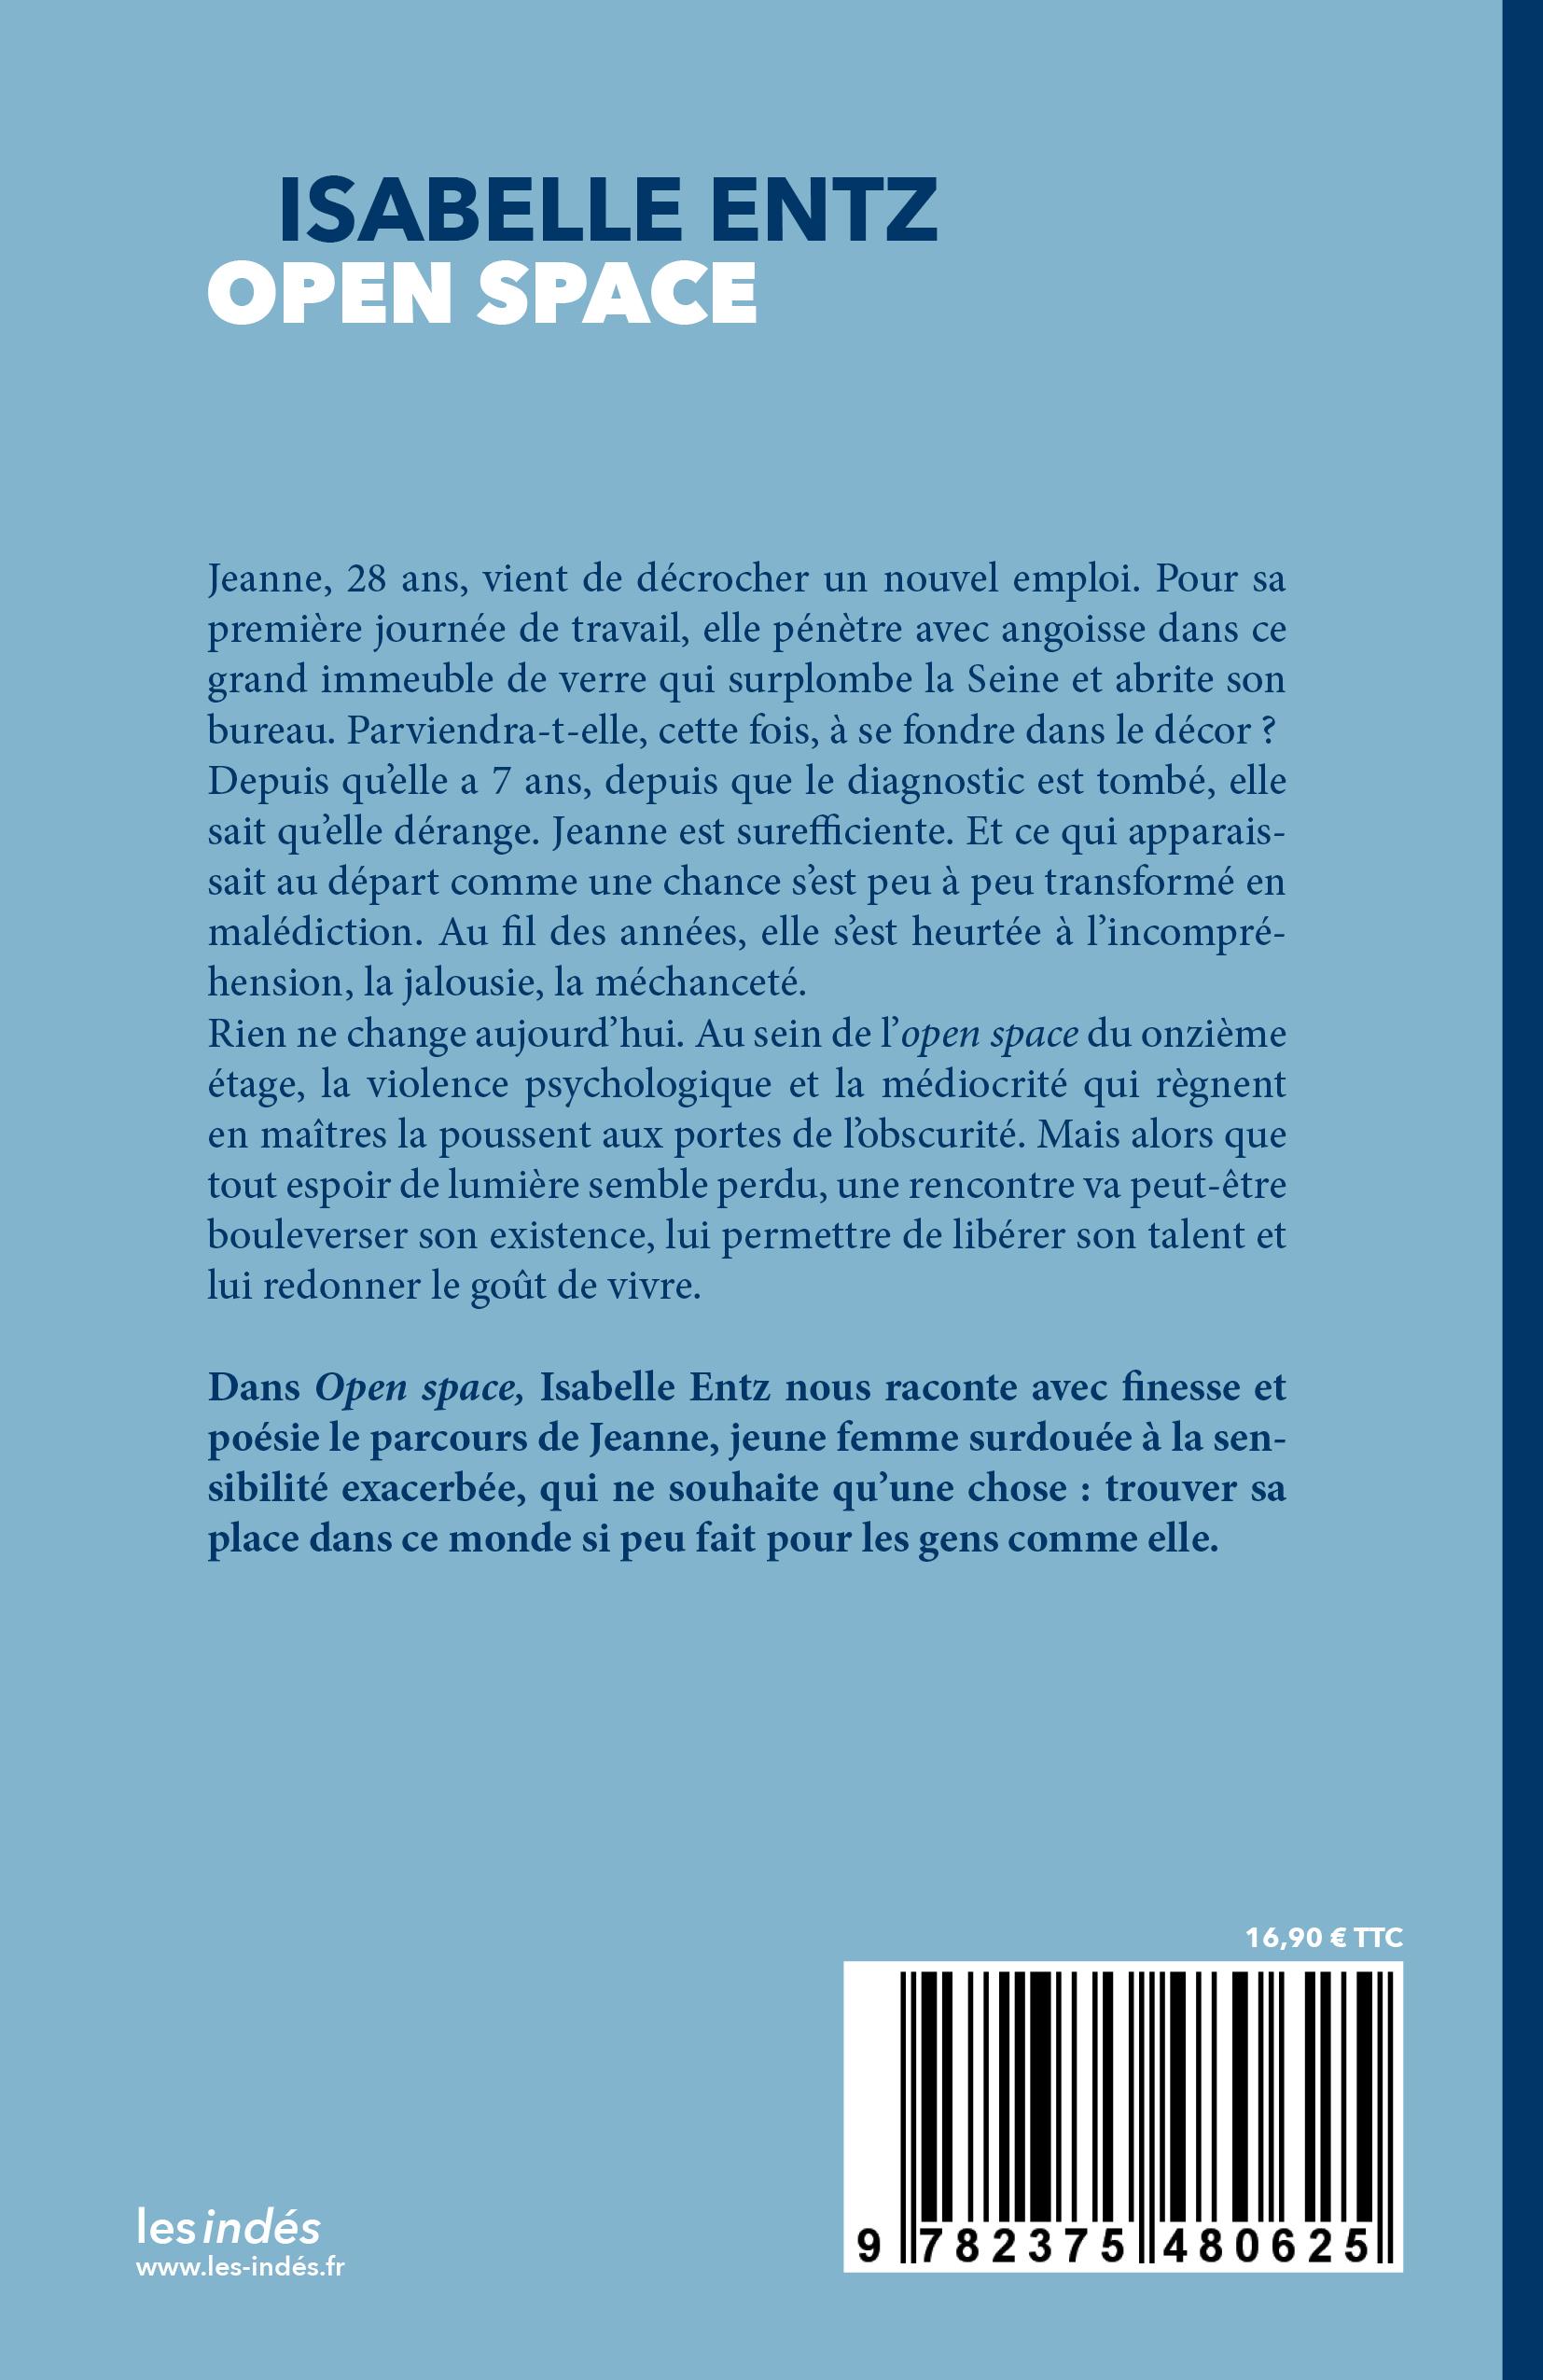 CV4_Open space